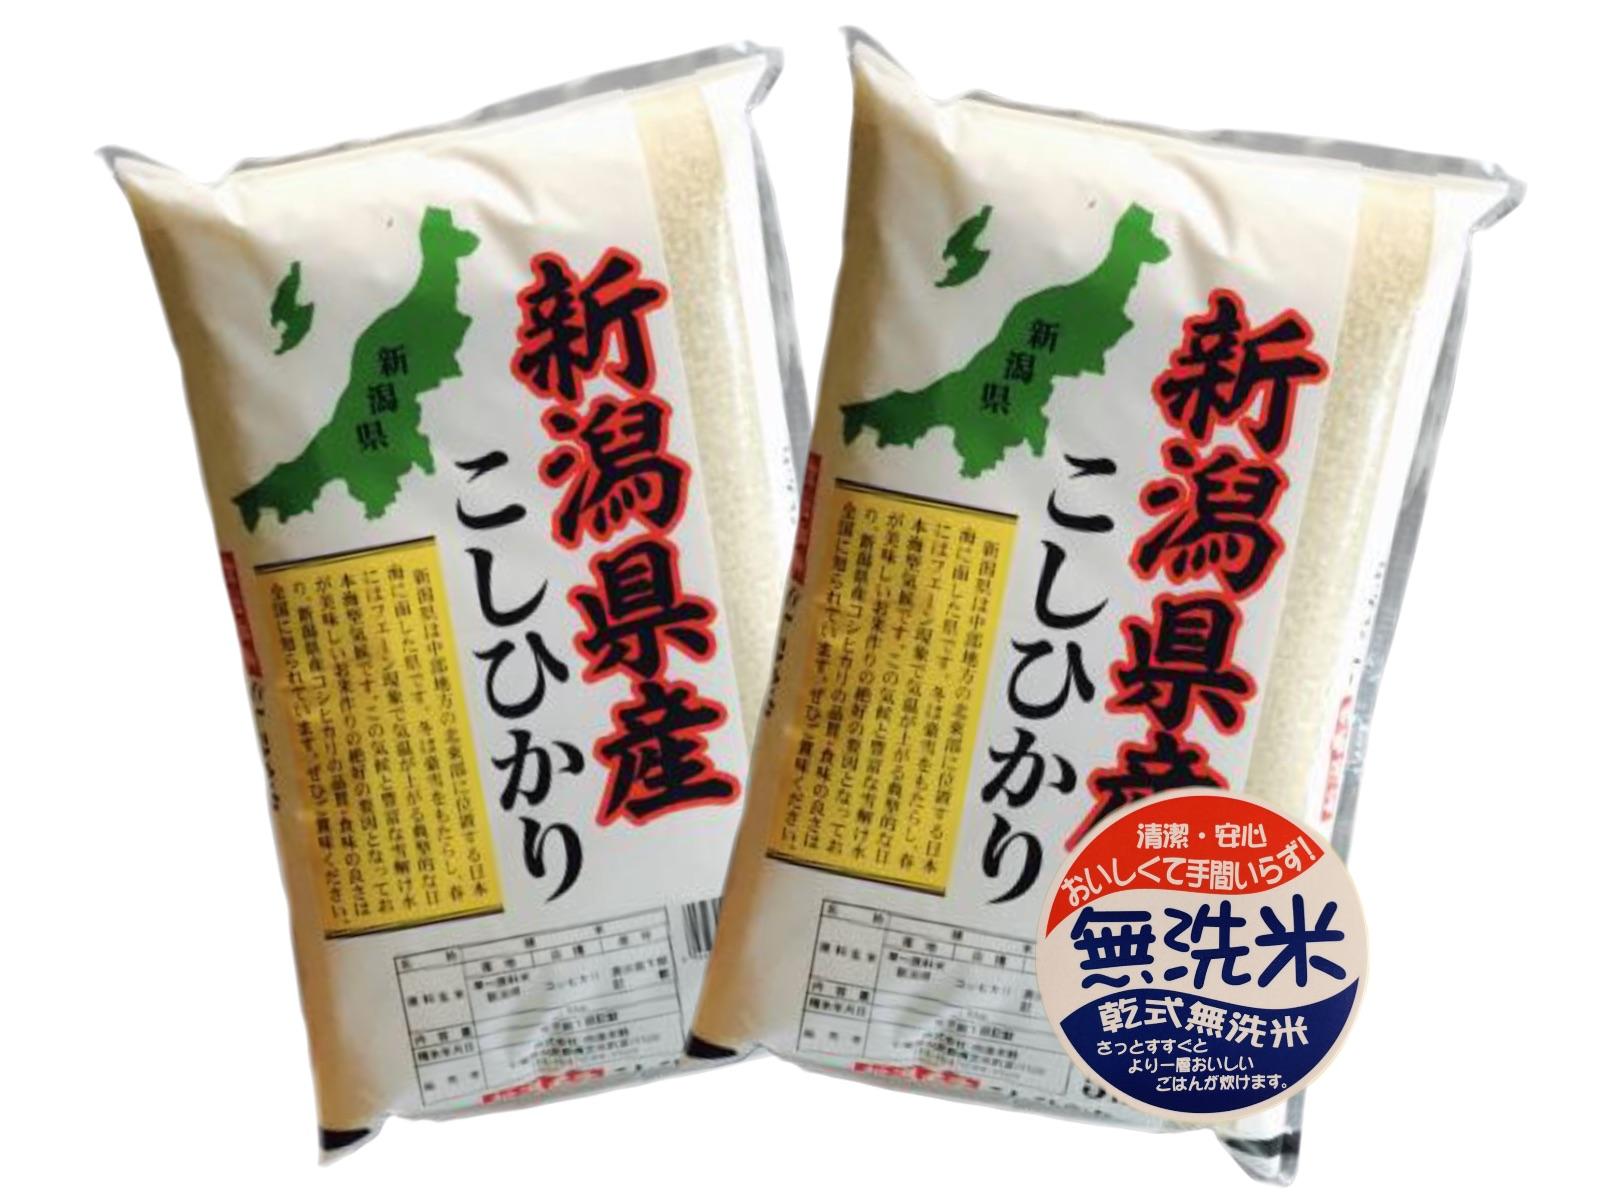 30年産 新潟県産コシヒカリ 無洗米10kg(5kg×2)